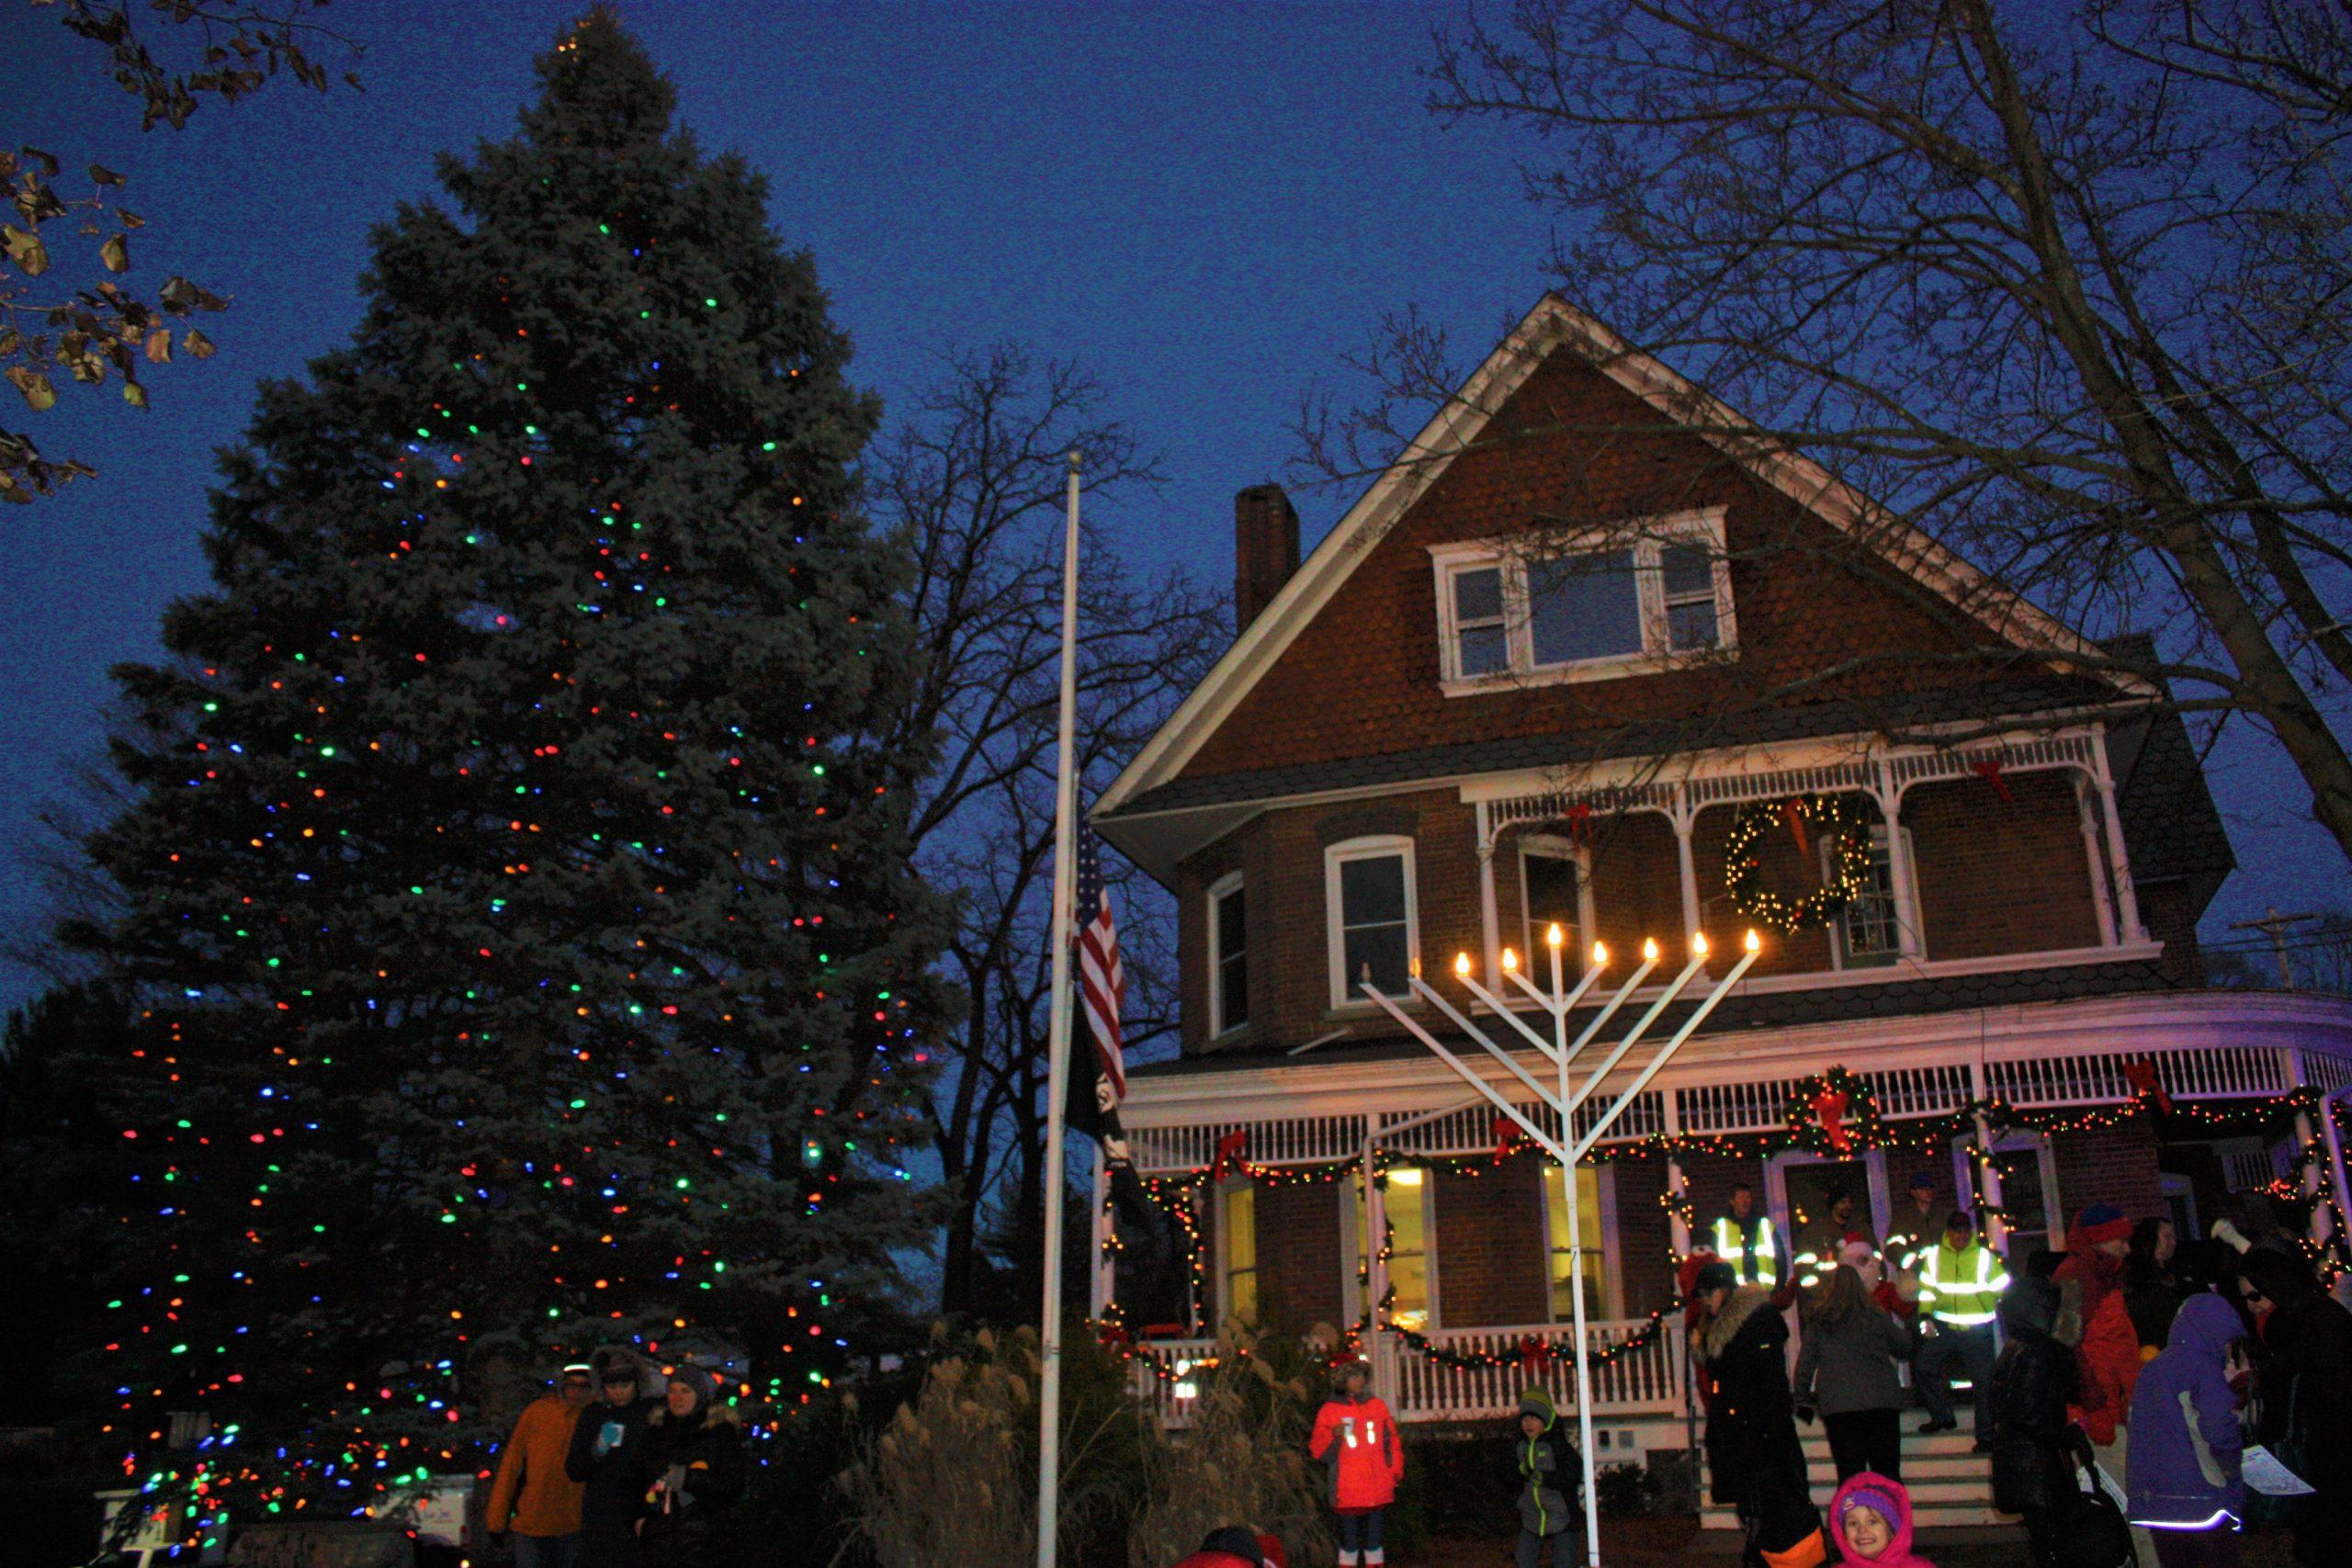 Lighted Tree & Village Hall